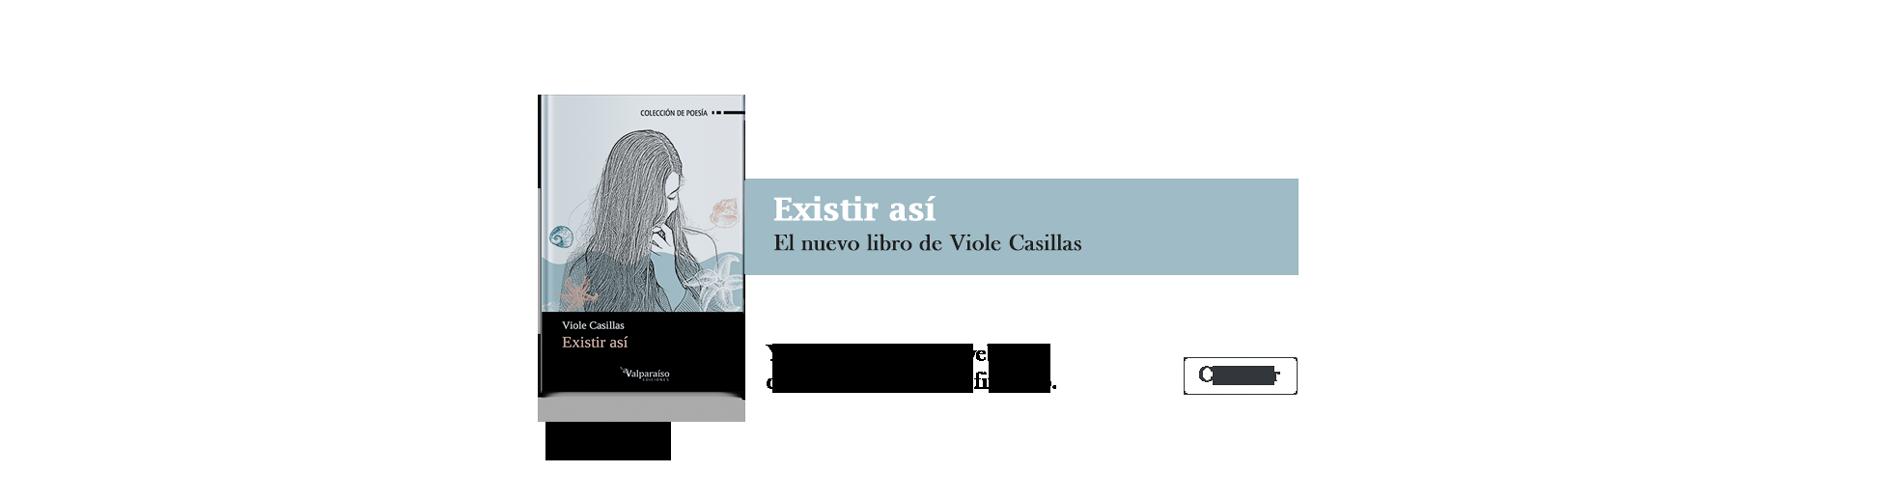 Existir así, el nuevo libro de Viole Casillas